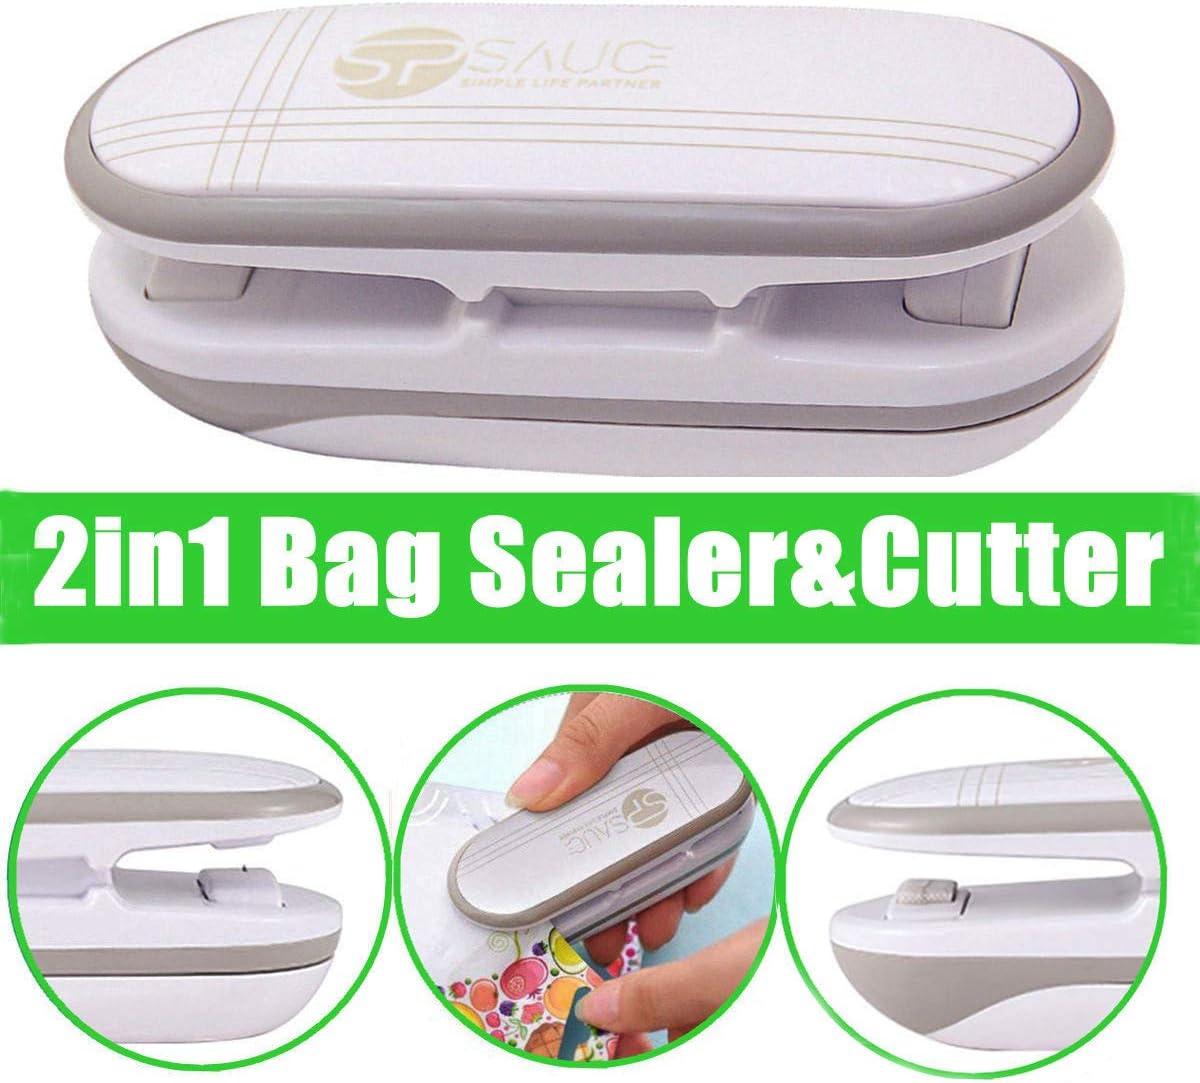 Mini Bag Sealer, Ariskey 2 in 1 Heat Sealer and Cutter Handheld Portable Bag Resealer Sealer for Plastic Bags Food Storage Snack Fresh Bag Sealer or Chip Saver (Battery Not Included)-White